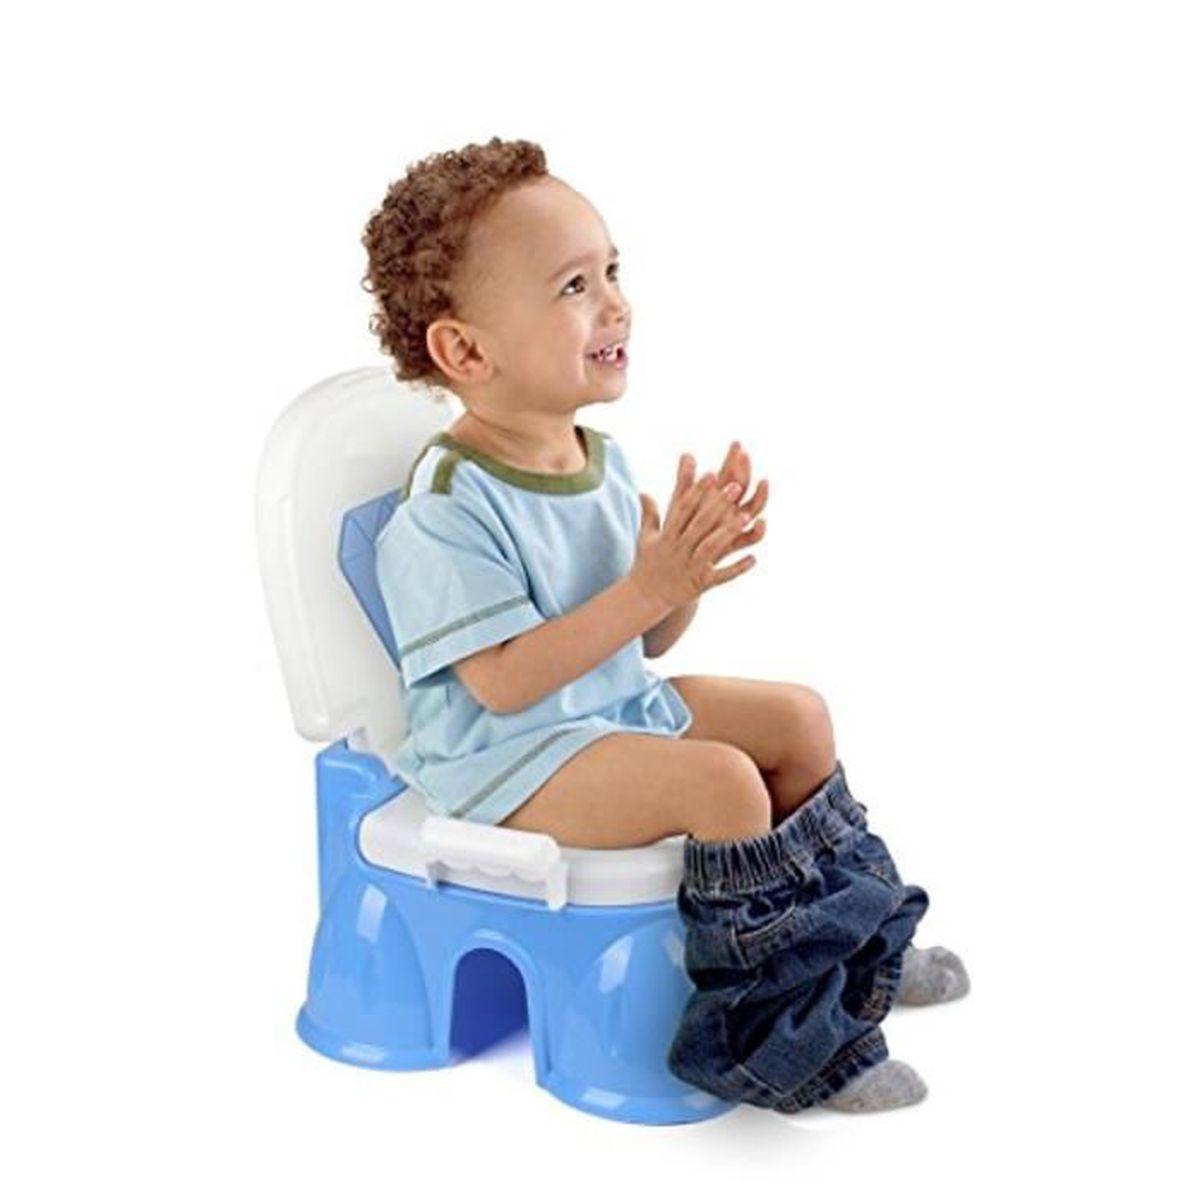 oiyio 888 1 si ge de toilette de b b pot pour enfant tape tabouret pour gar ons ou filles. Black Bedroom Furniture Sets. Home Design Ideas